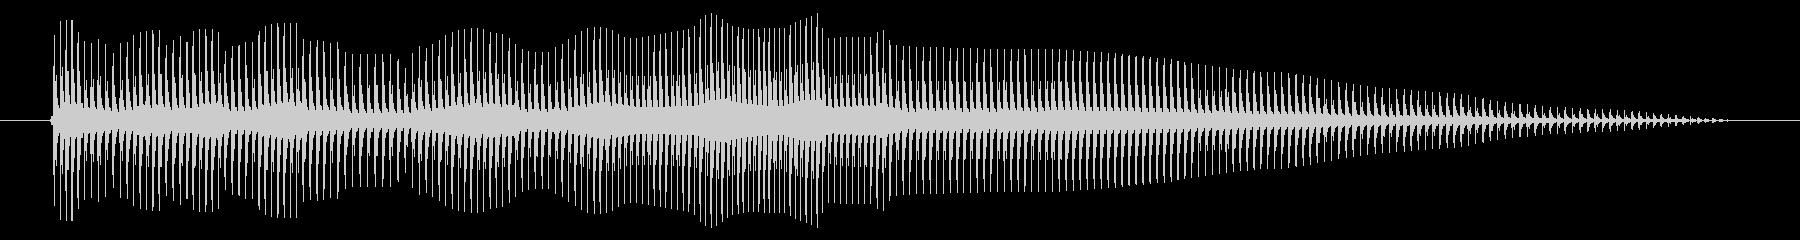 空腹02-5の未再生の波形